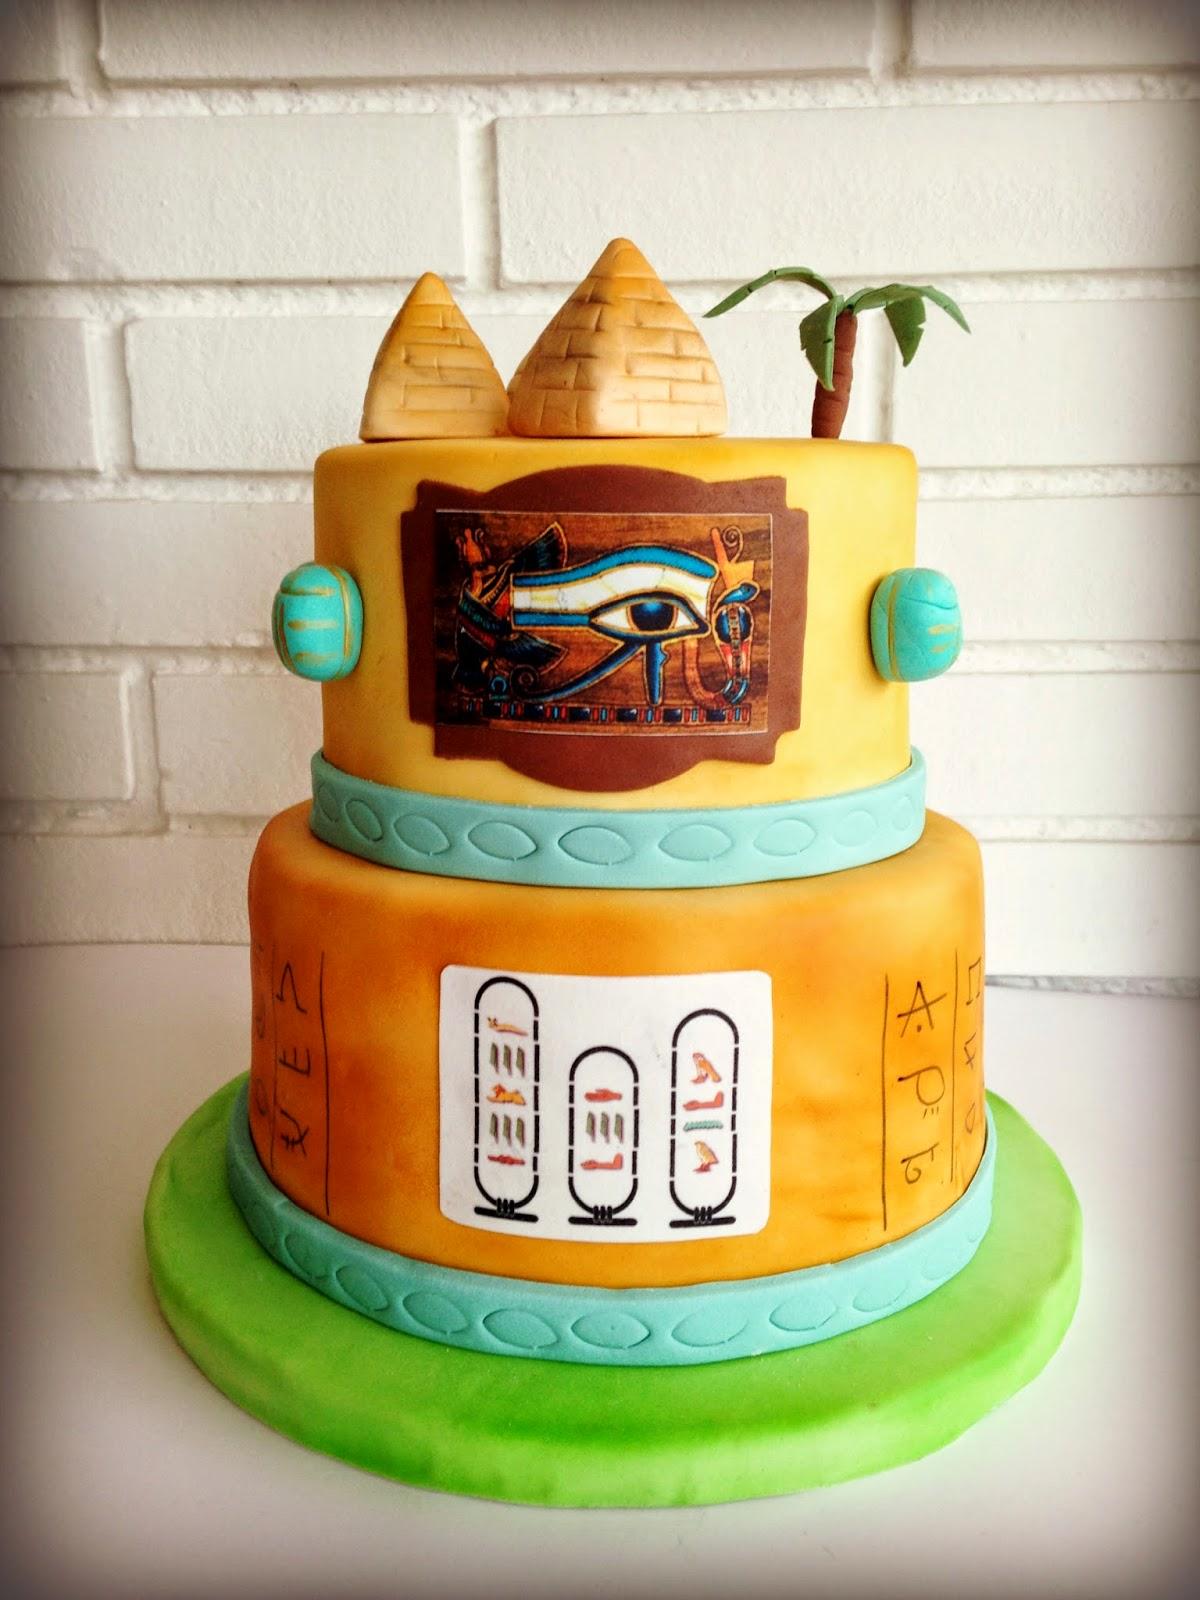 egipt fondant cake